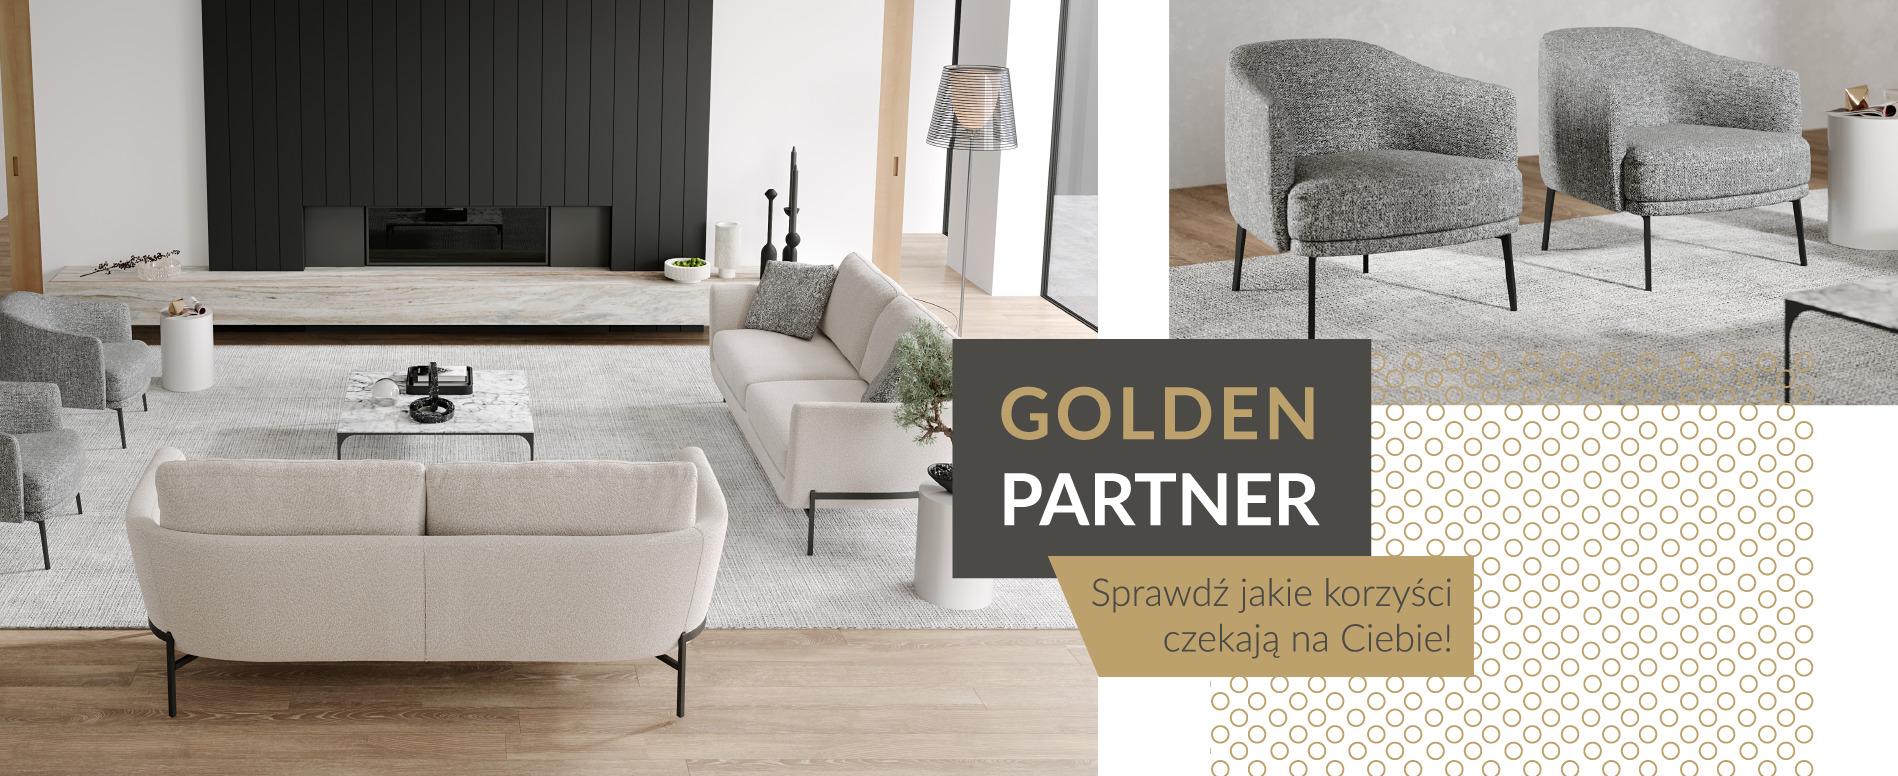 Golden partner